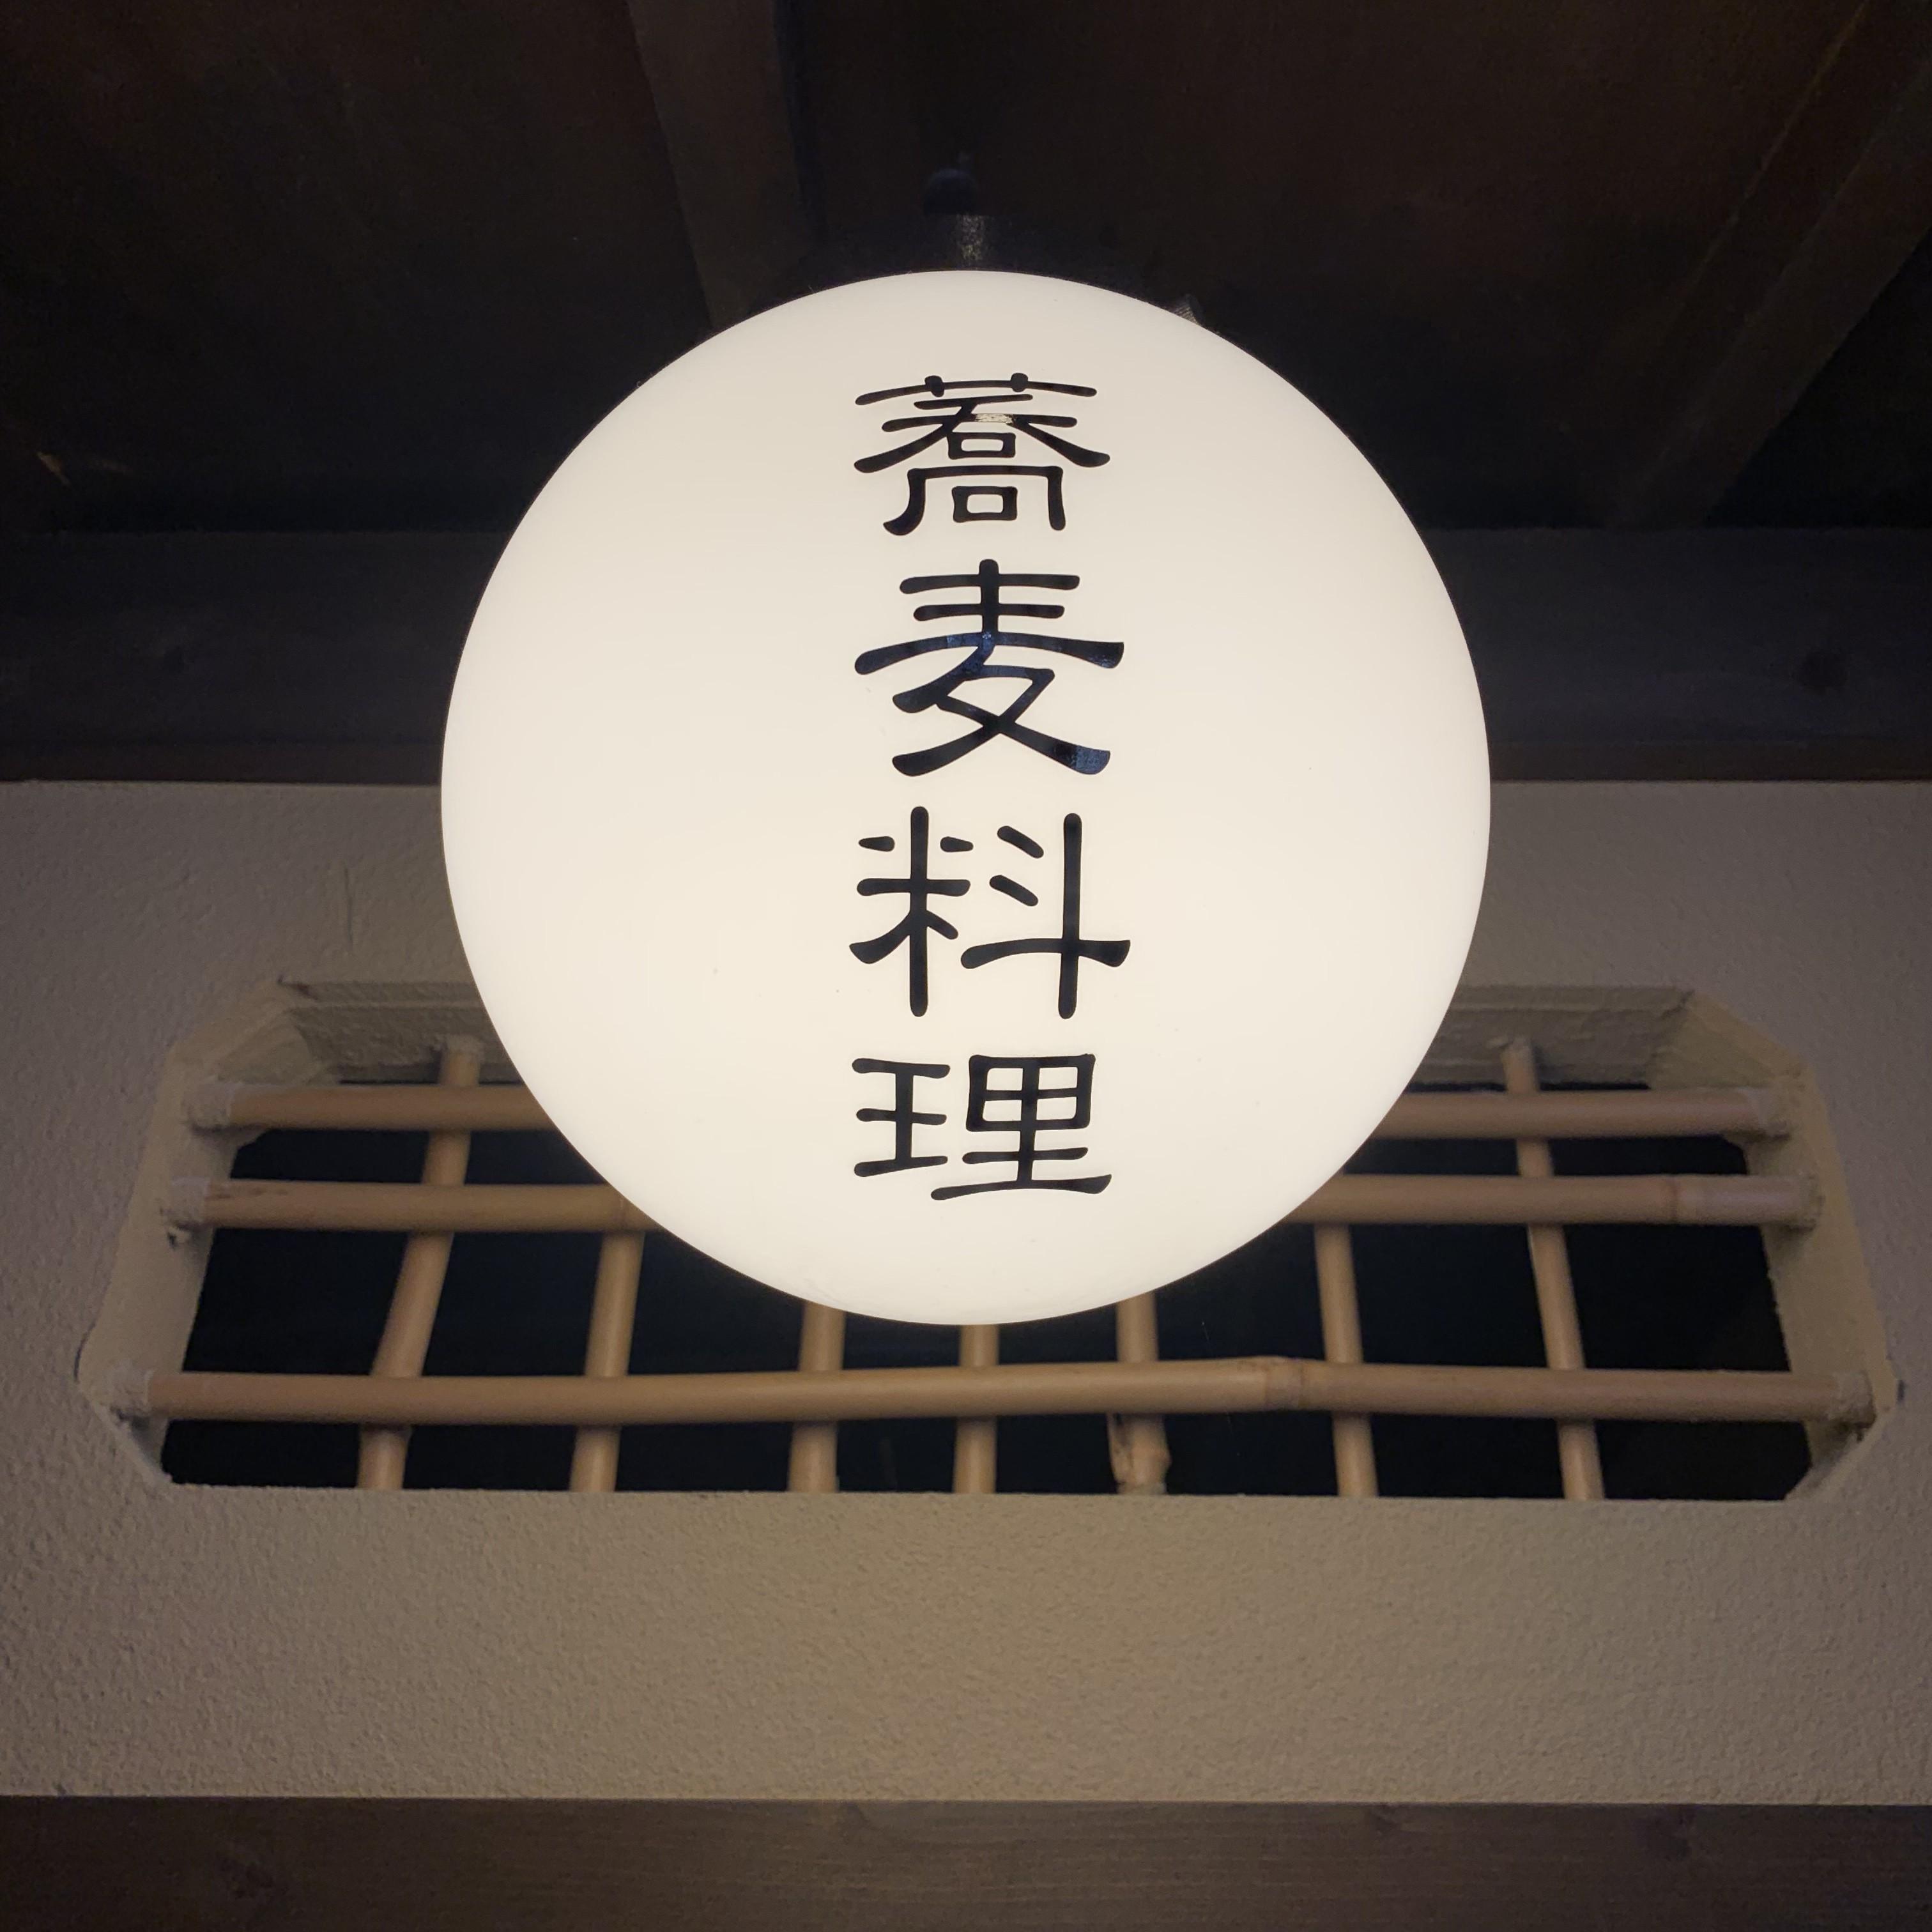 *純国産の手打ち十割そばが食べられるお店!in京都